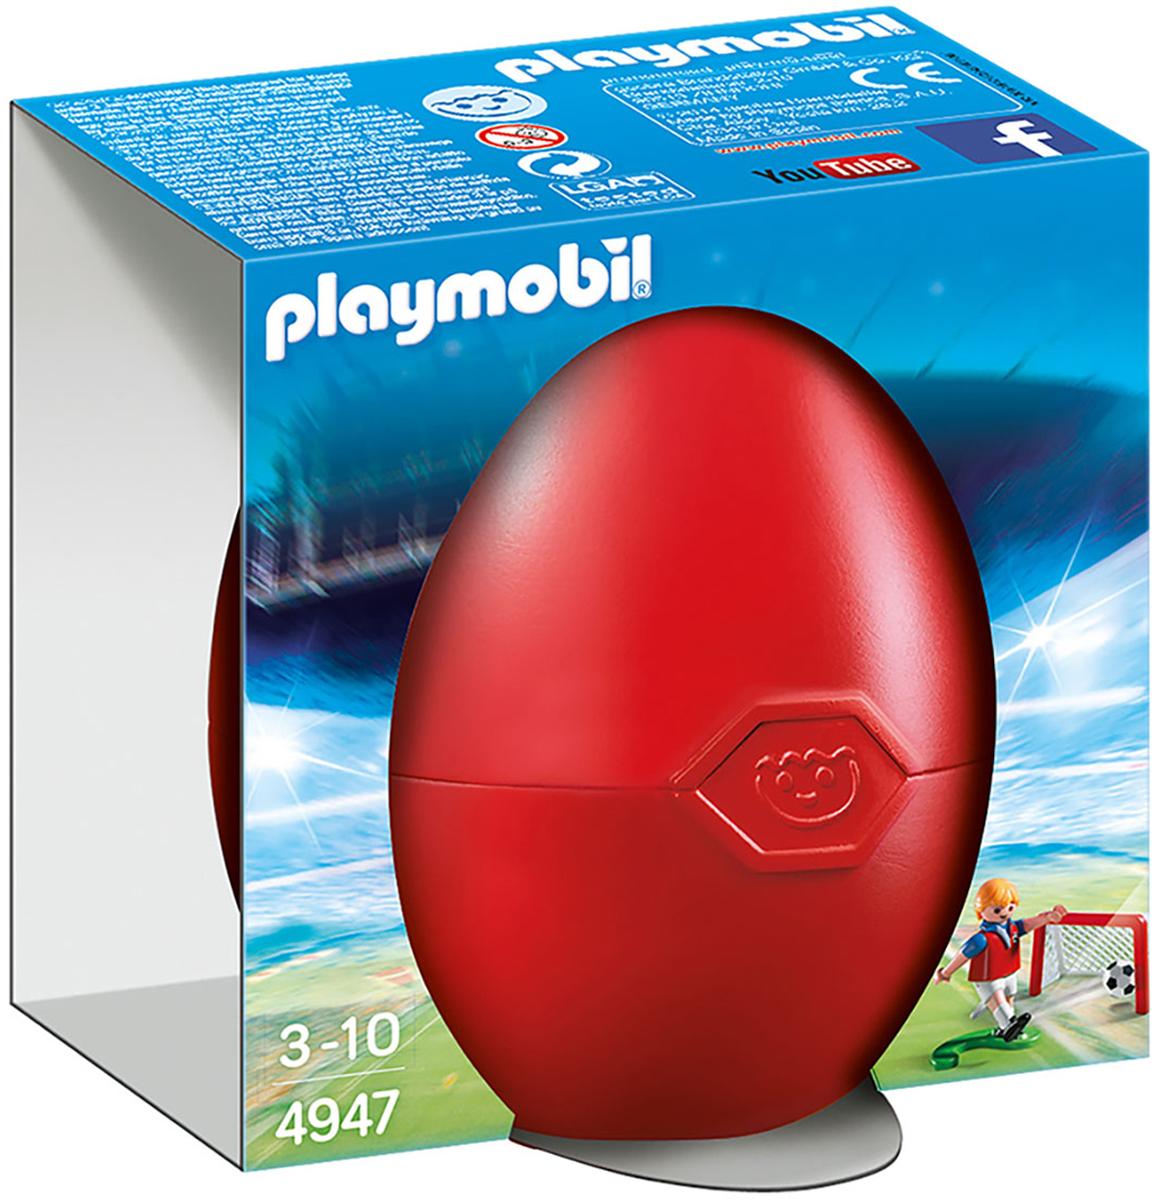 Playmobil Пластиковый конструктор Футболист с воротами и мячом playmobil® playmobil 5289 секретный агент мега робот с бластером